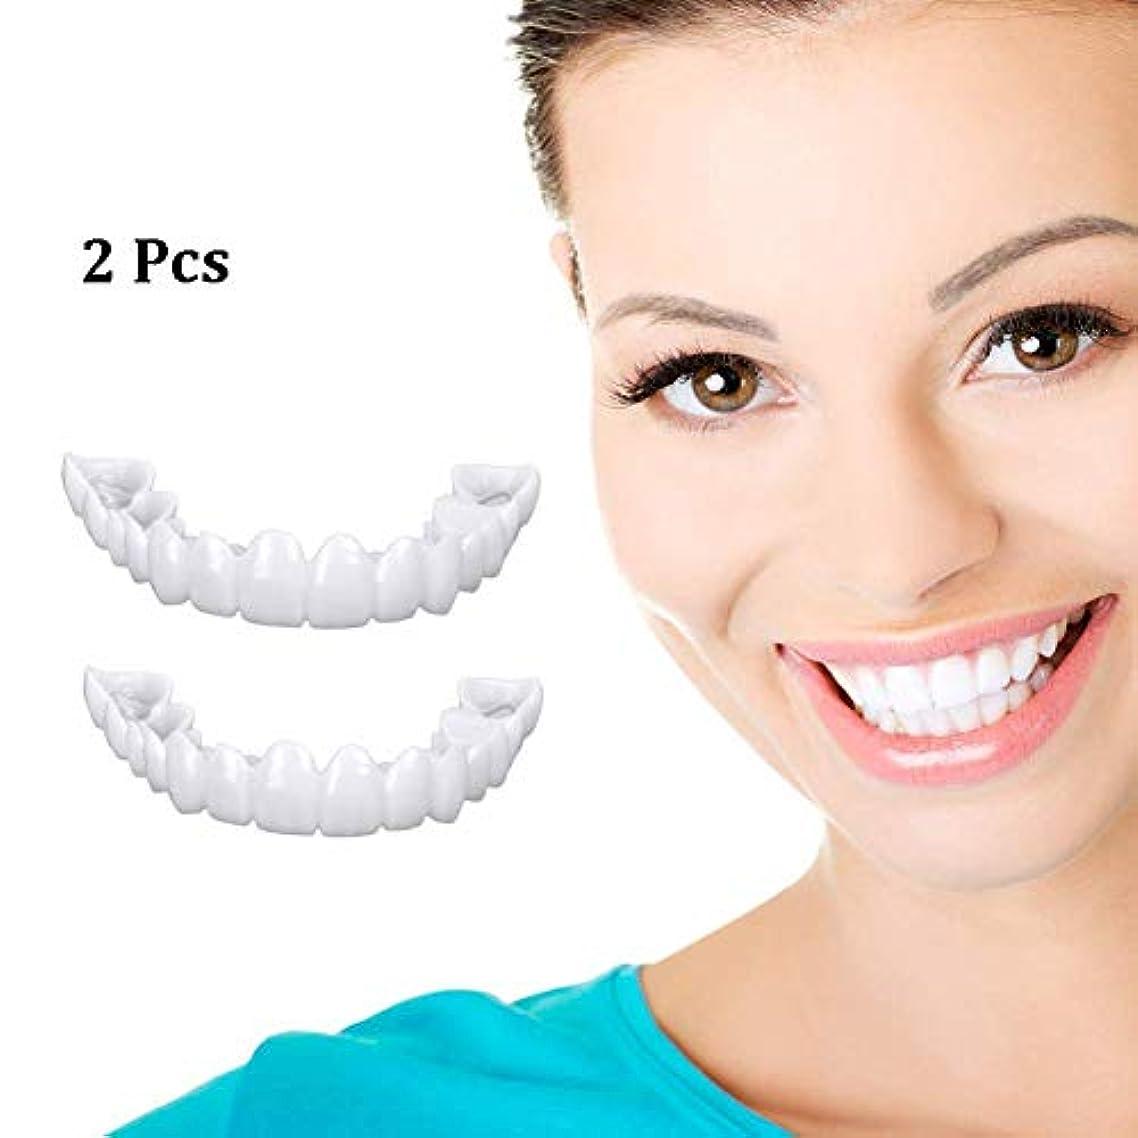 しなやか発疹経過インスタントスマイルコンフォートフィット化粧品義歯義歯ベニア歯コンフォートフィットフレックス化粧品歯上歯突き板および下突き板 - 歯突き板,1Pcs